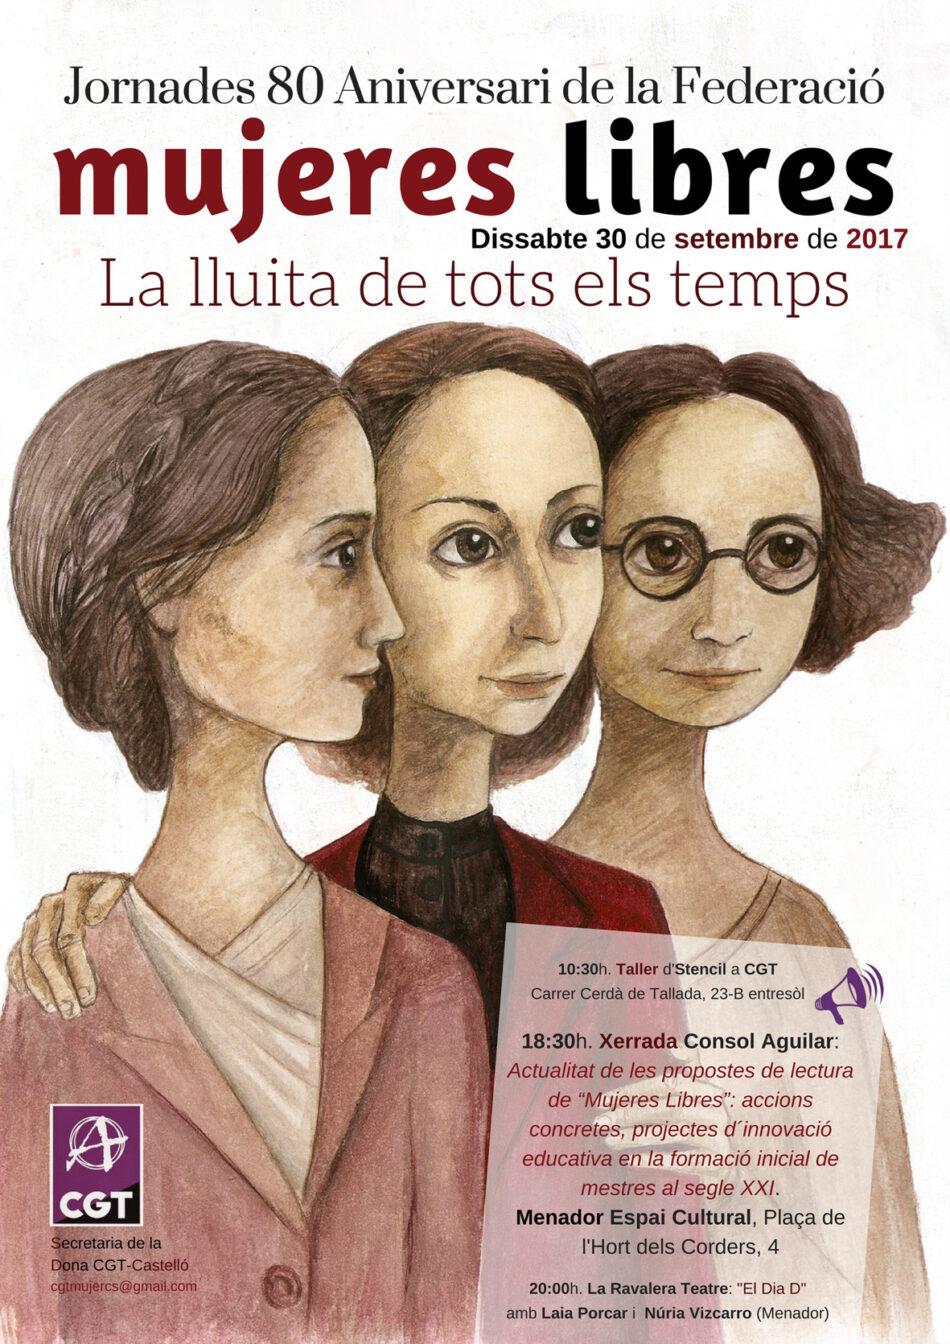 CGT-Castelló commemora el 80 aniversari de Mujeres Libres amb una jornada reivindicativa